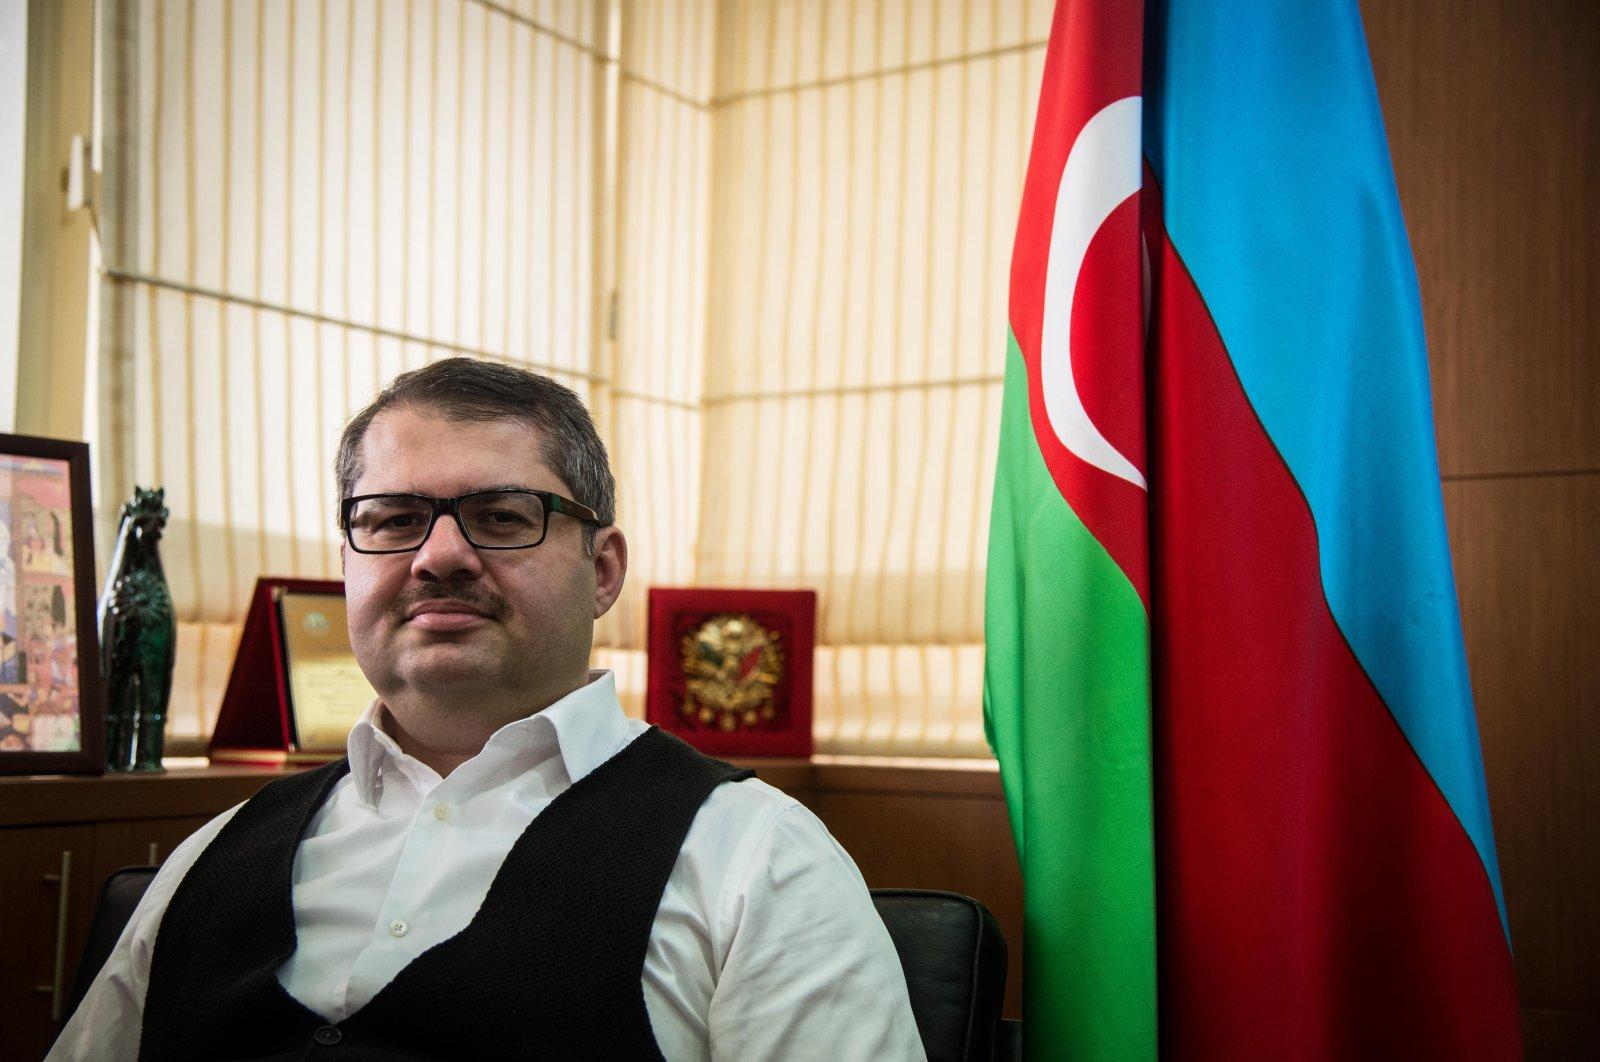 Azerbaijan's envoy to Turkey Khazar Ibrahim in his office, Ankara, July 20, 2018.